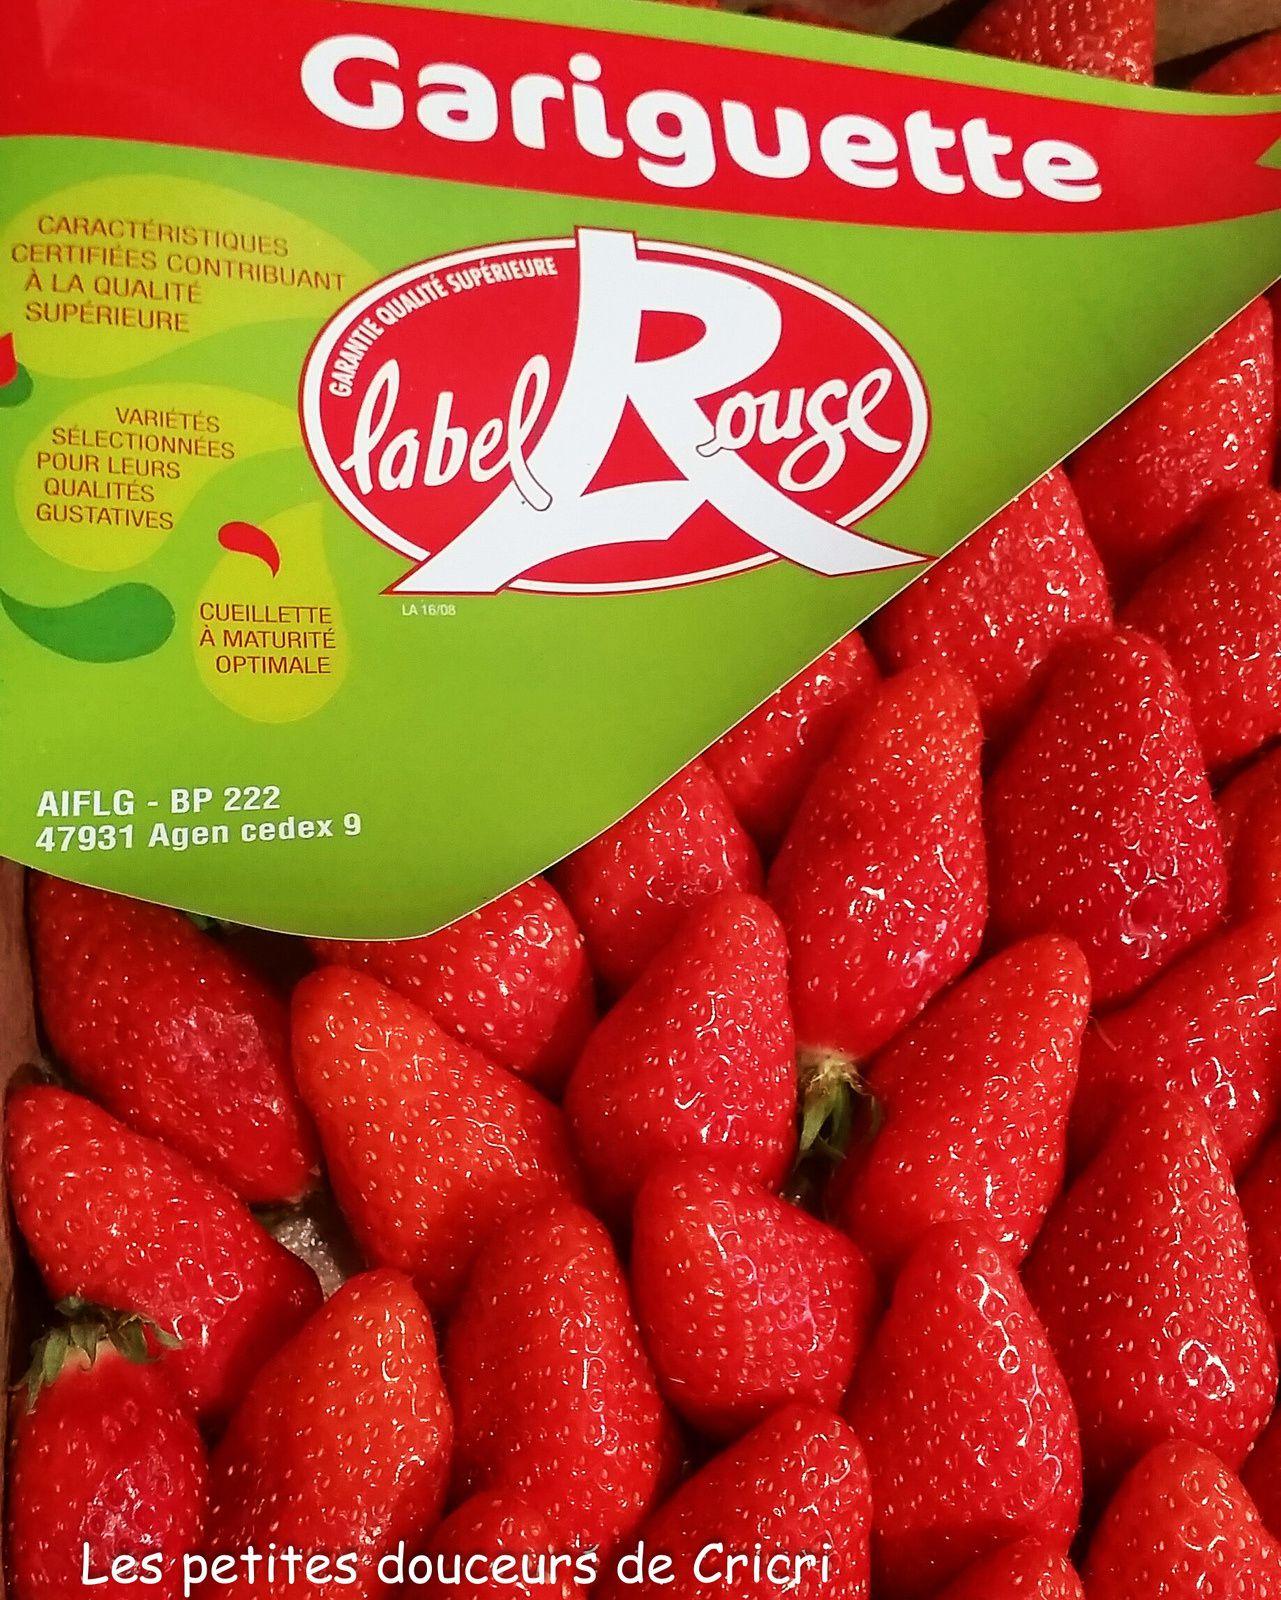 Tartare de thon aux fraises Label Rouge